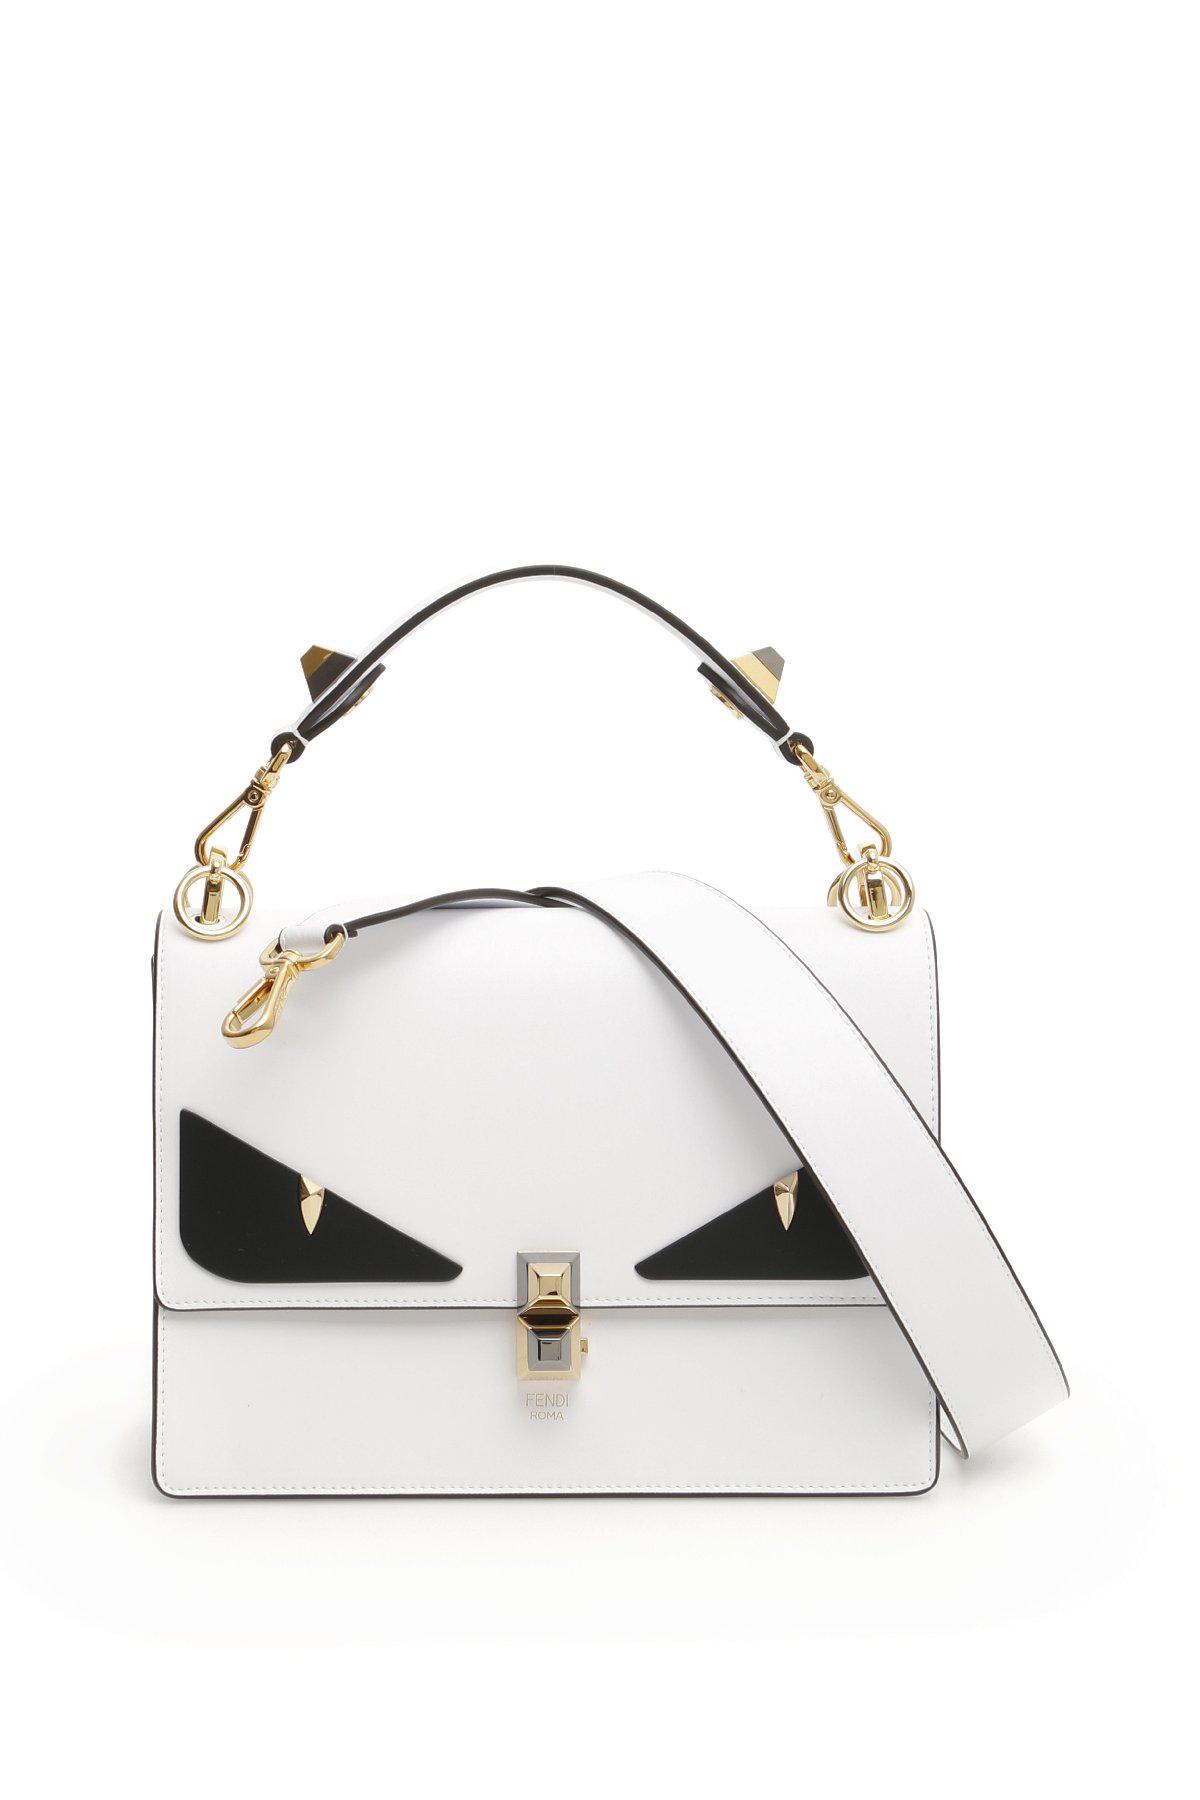 77671aae70e4 Fendi Kan I Bag Bugs Bag In White